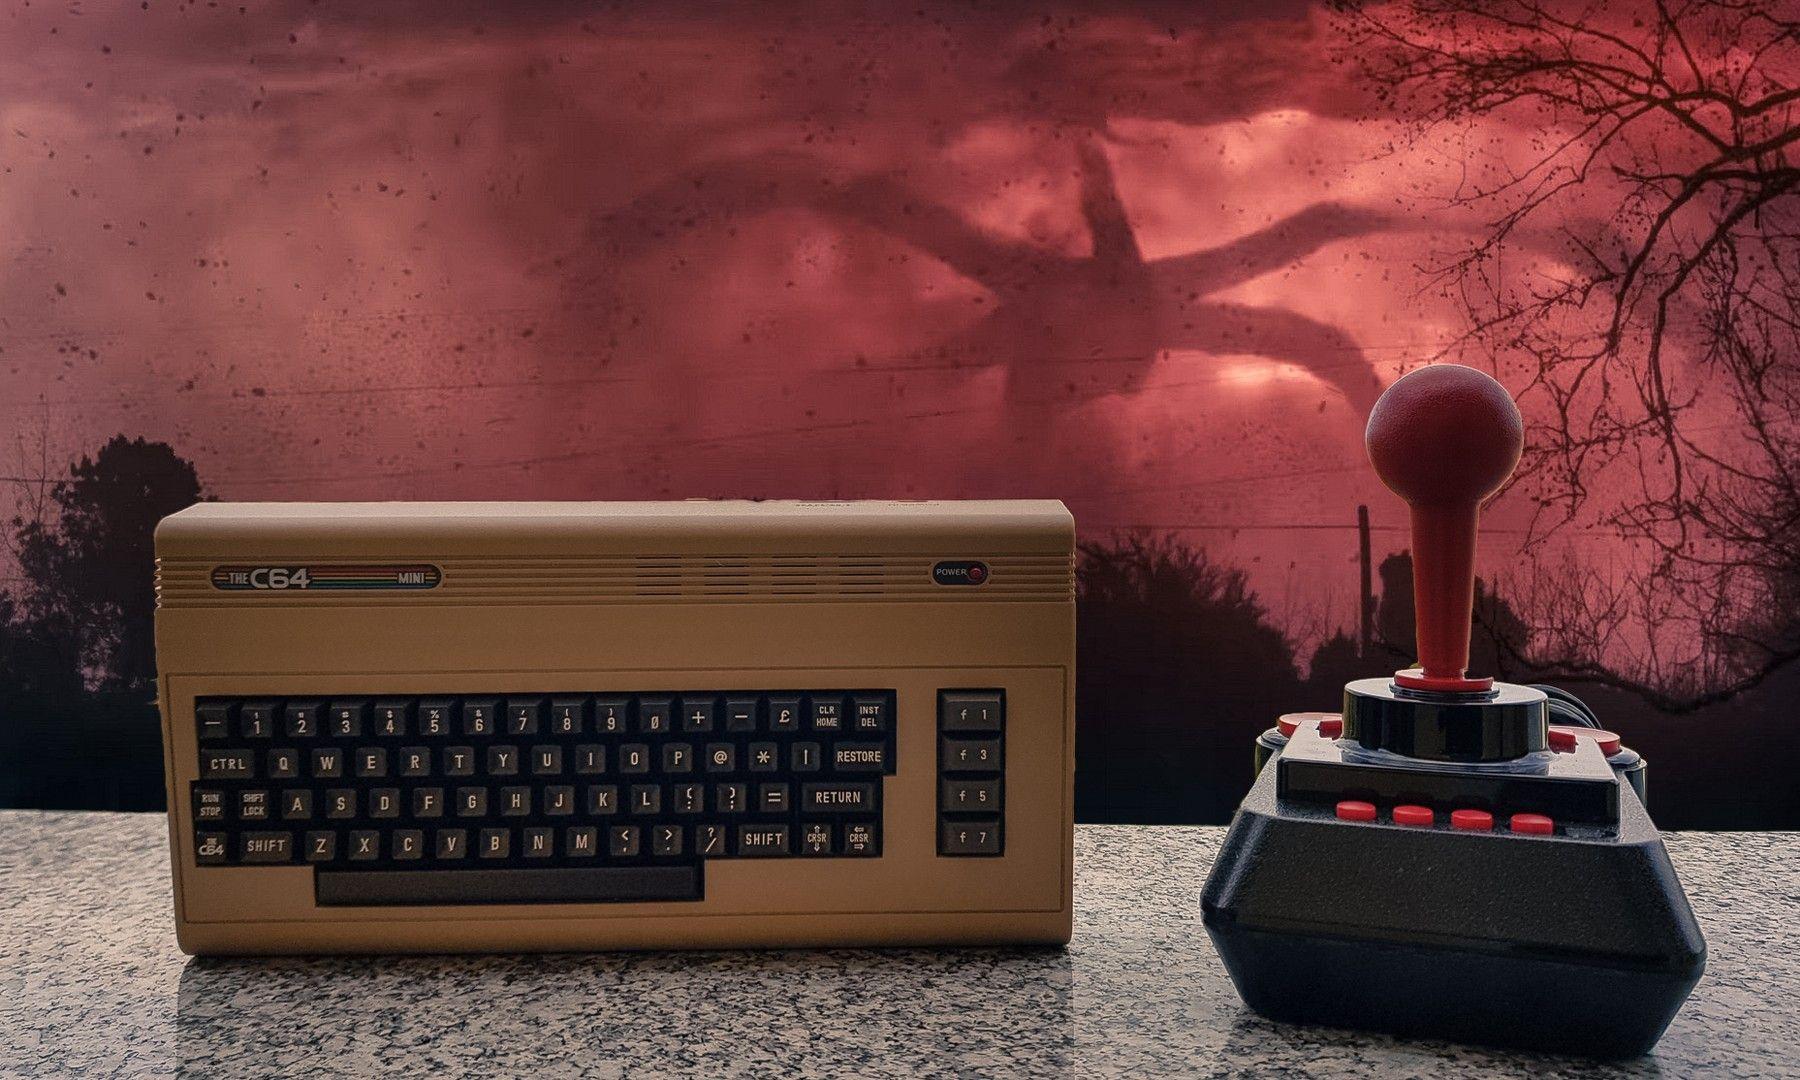 SCARICA GIOCHI PER C64 MINI